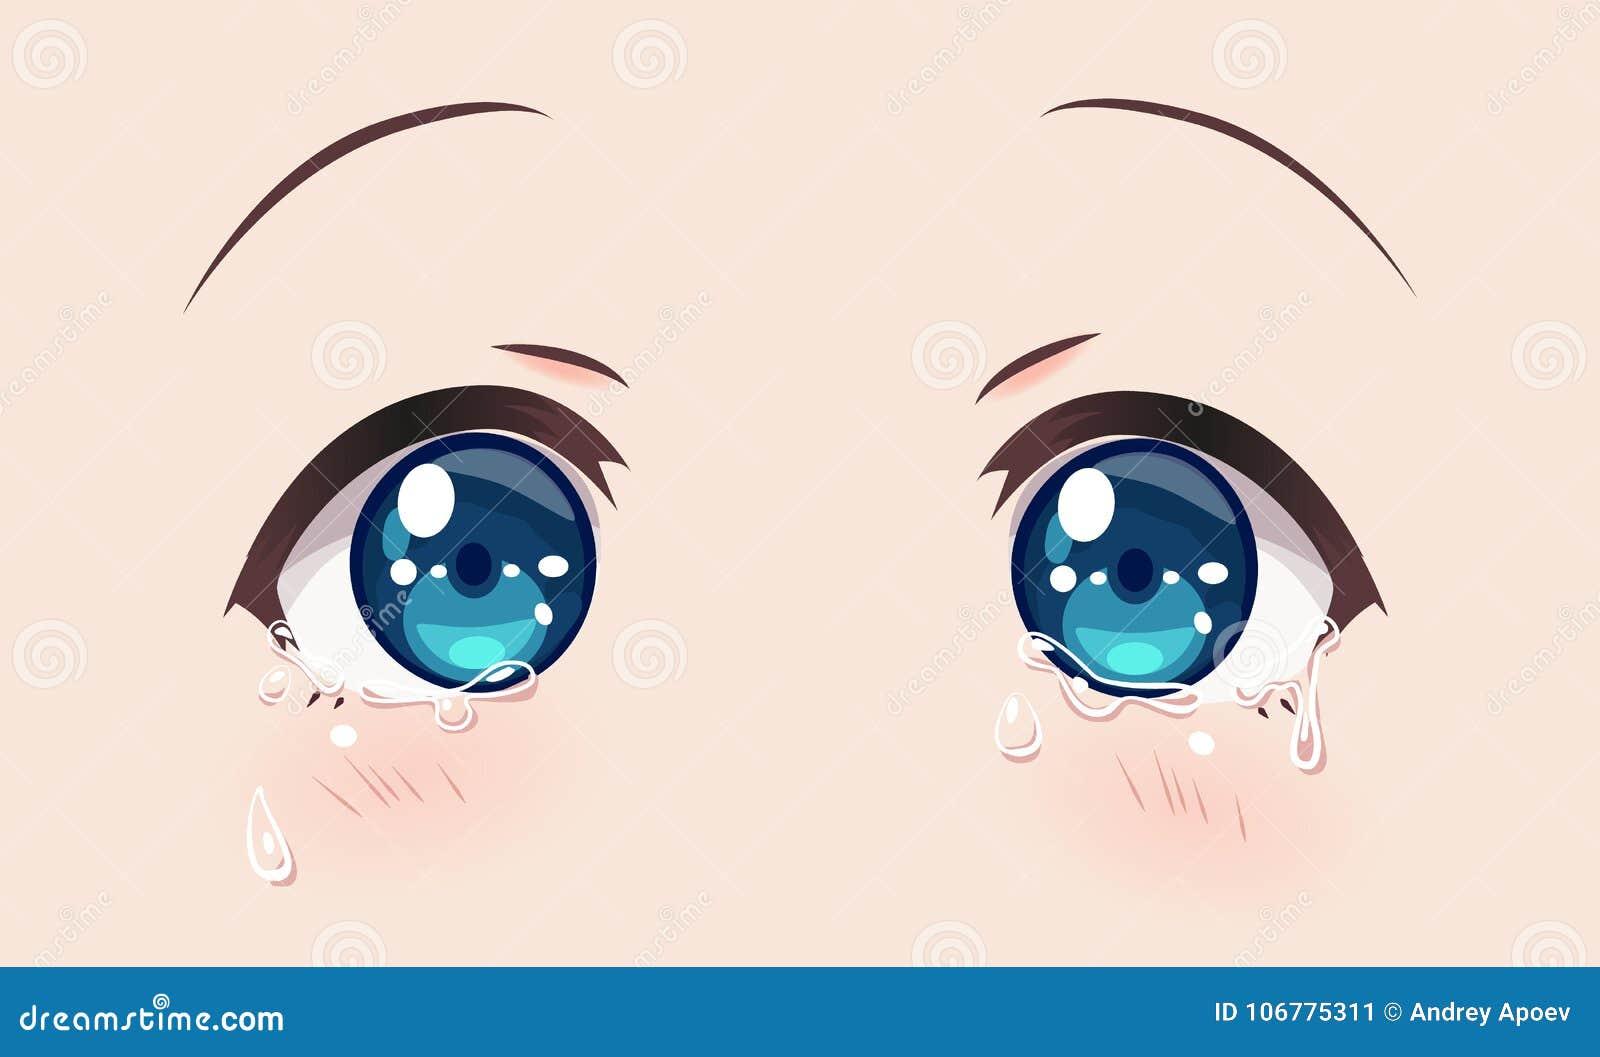 Crying Eyes, Anime Manga Girls Stock Vector - Illustration of